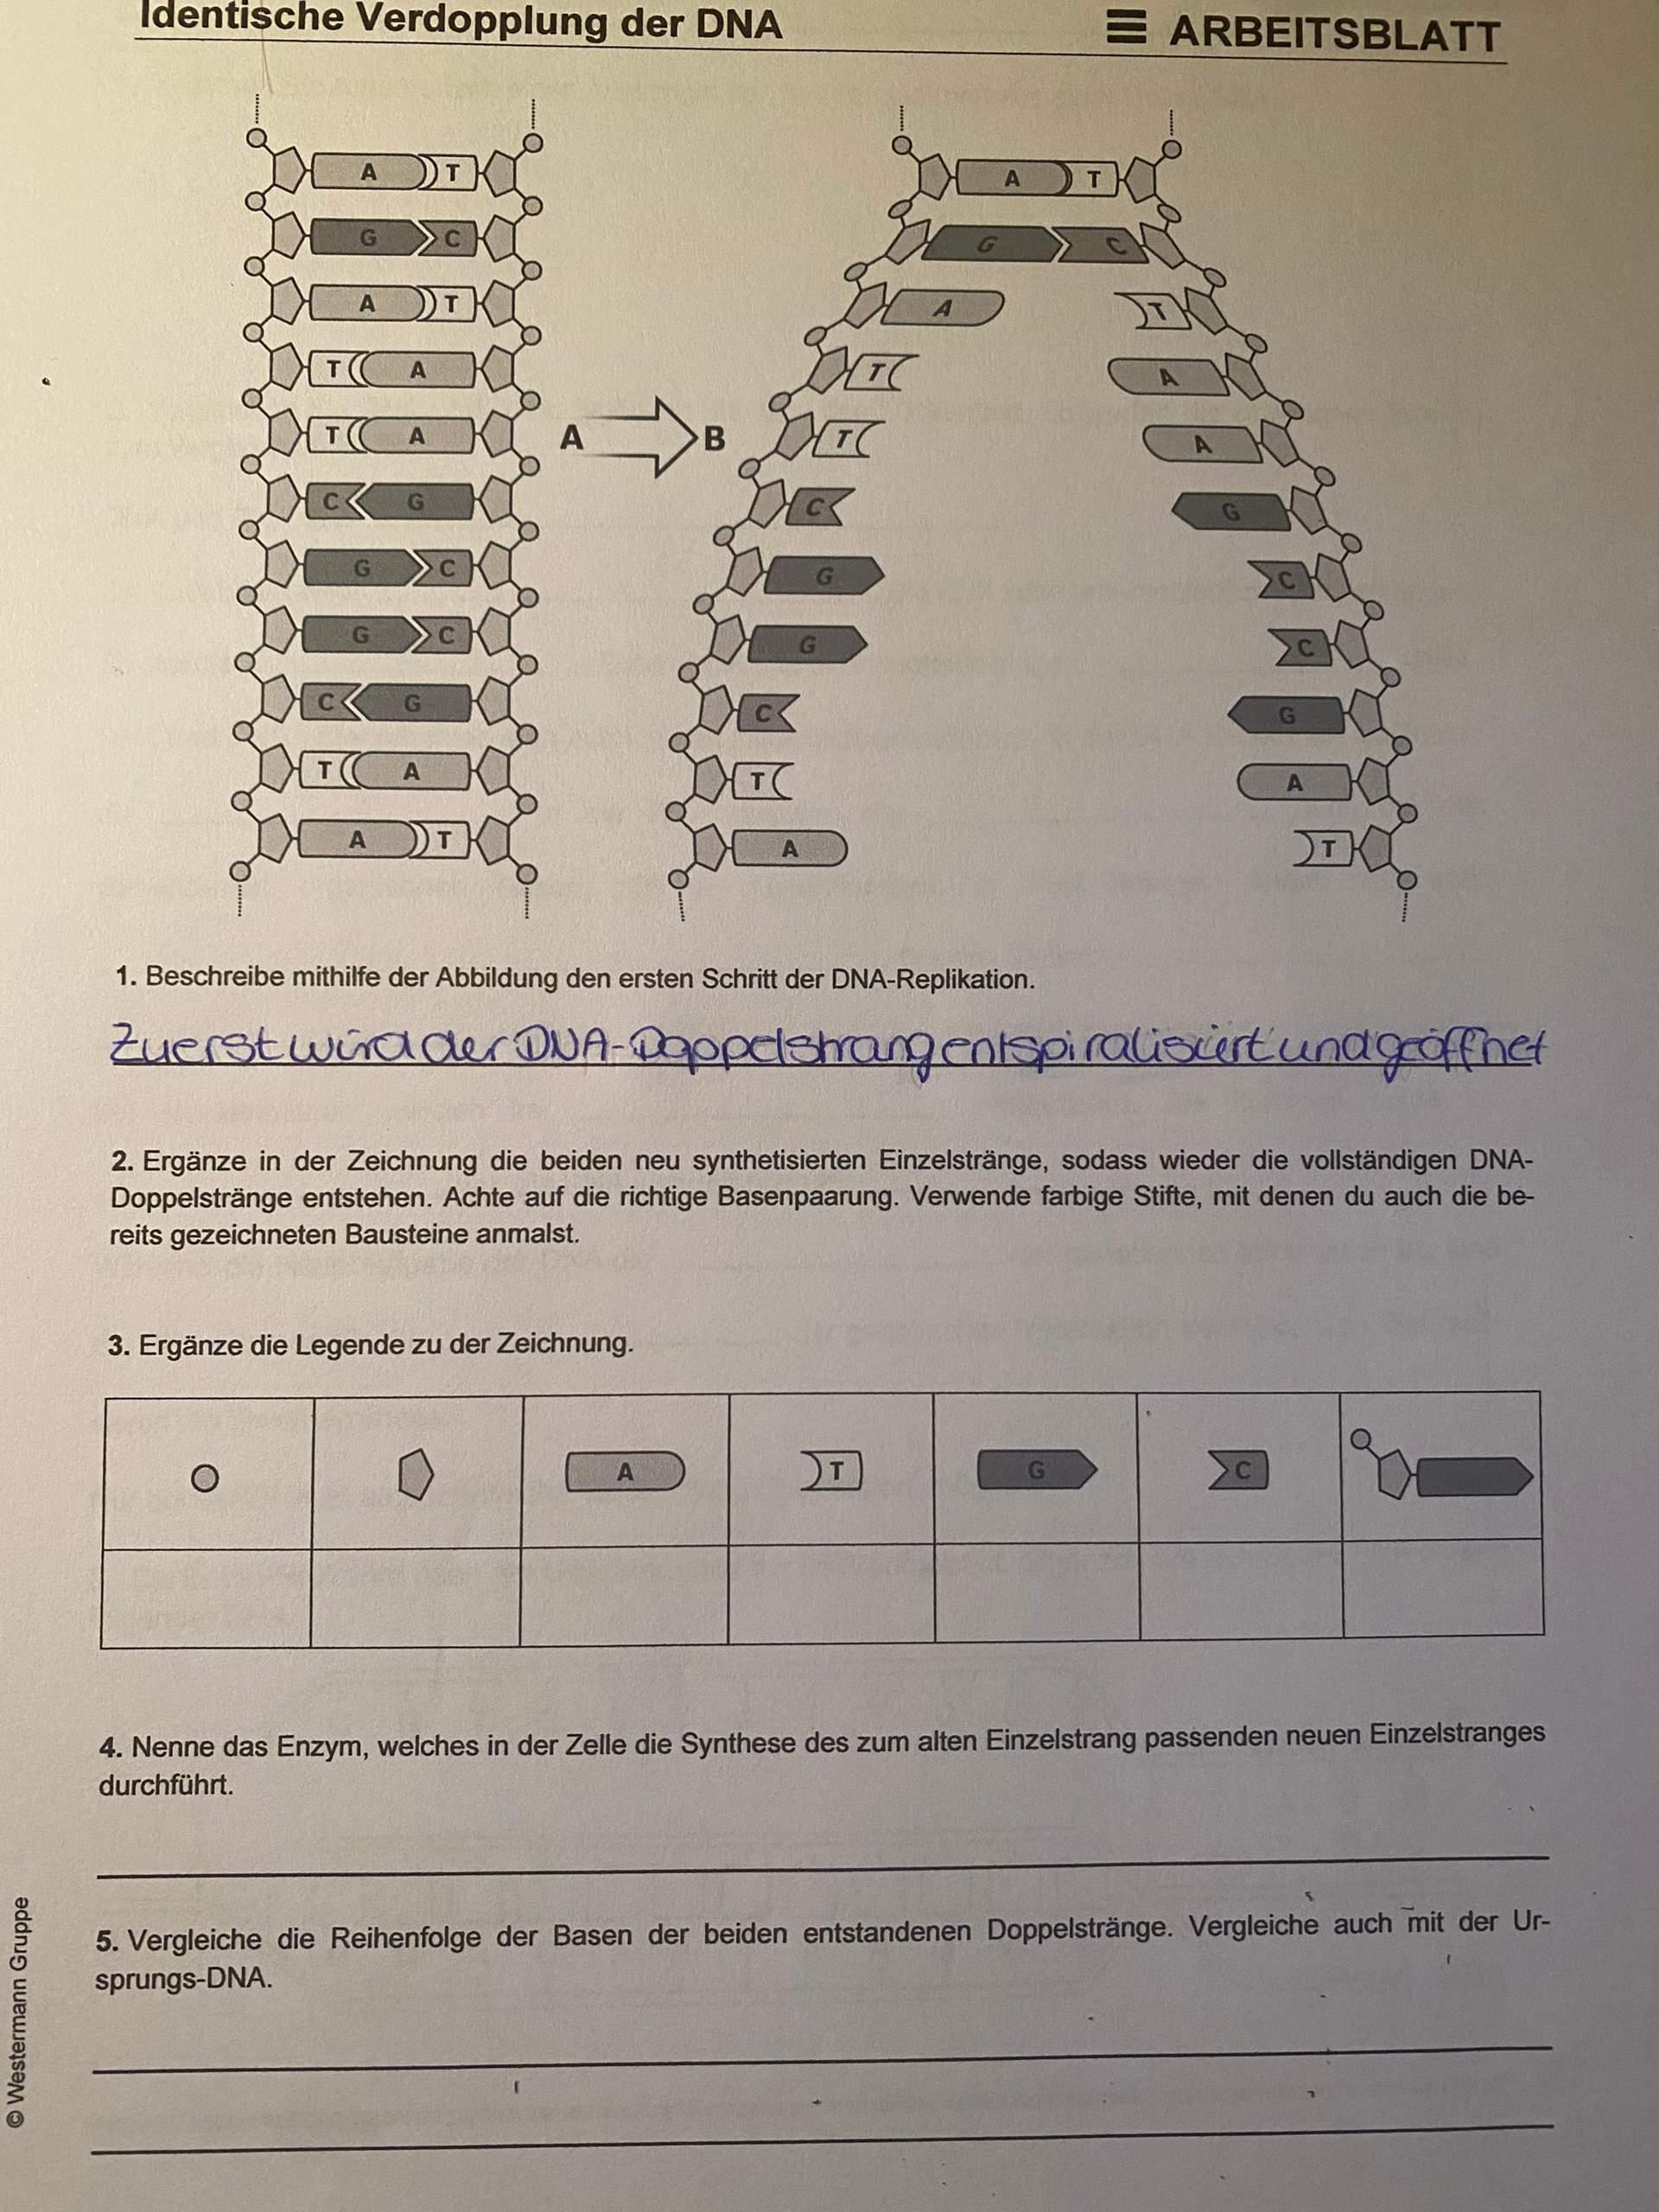 Verdopplung der DNA Biologie